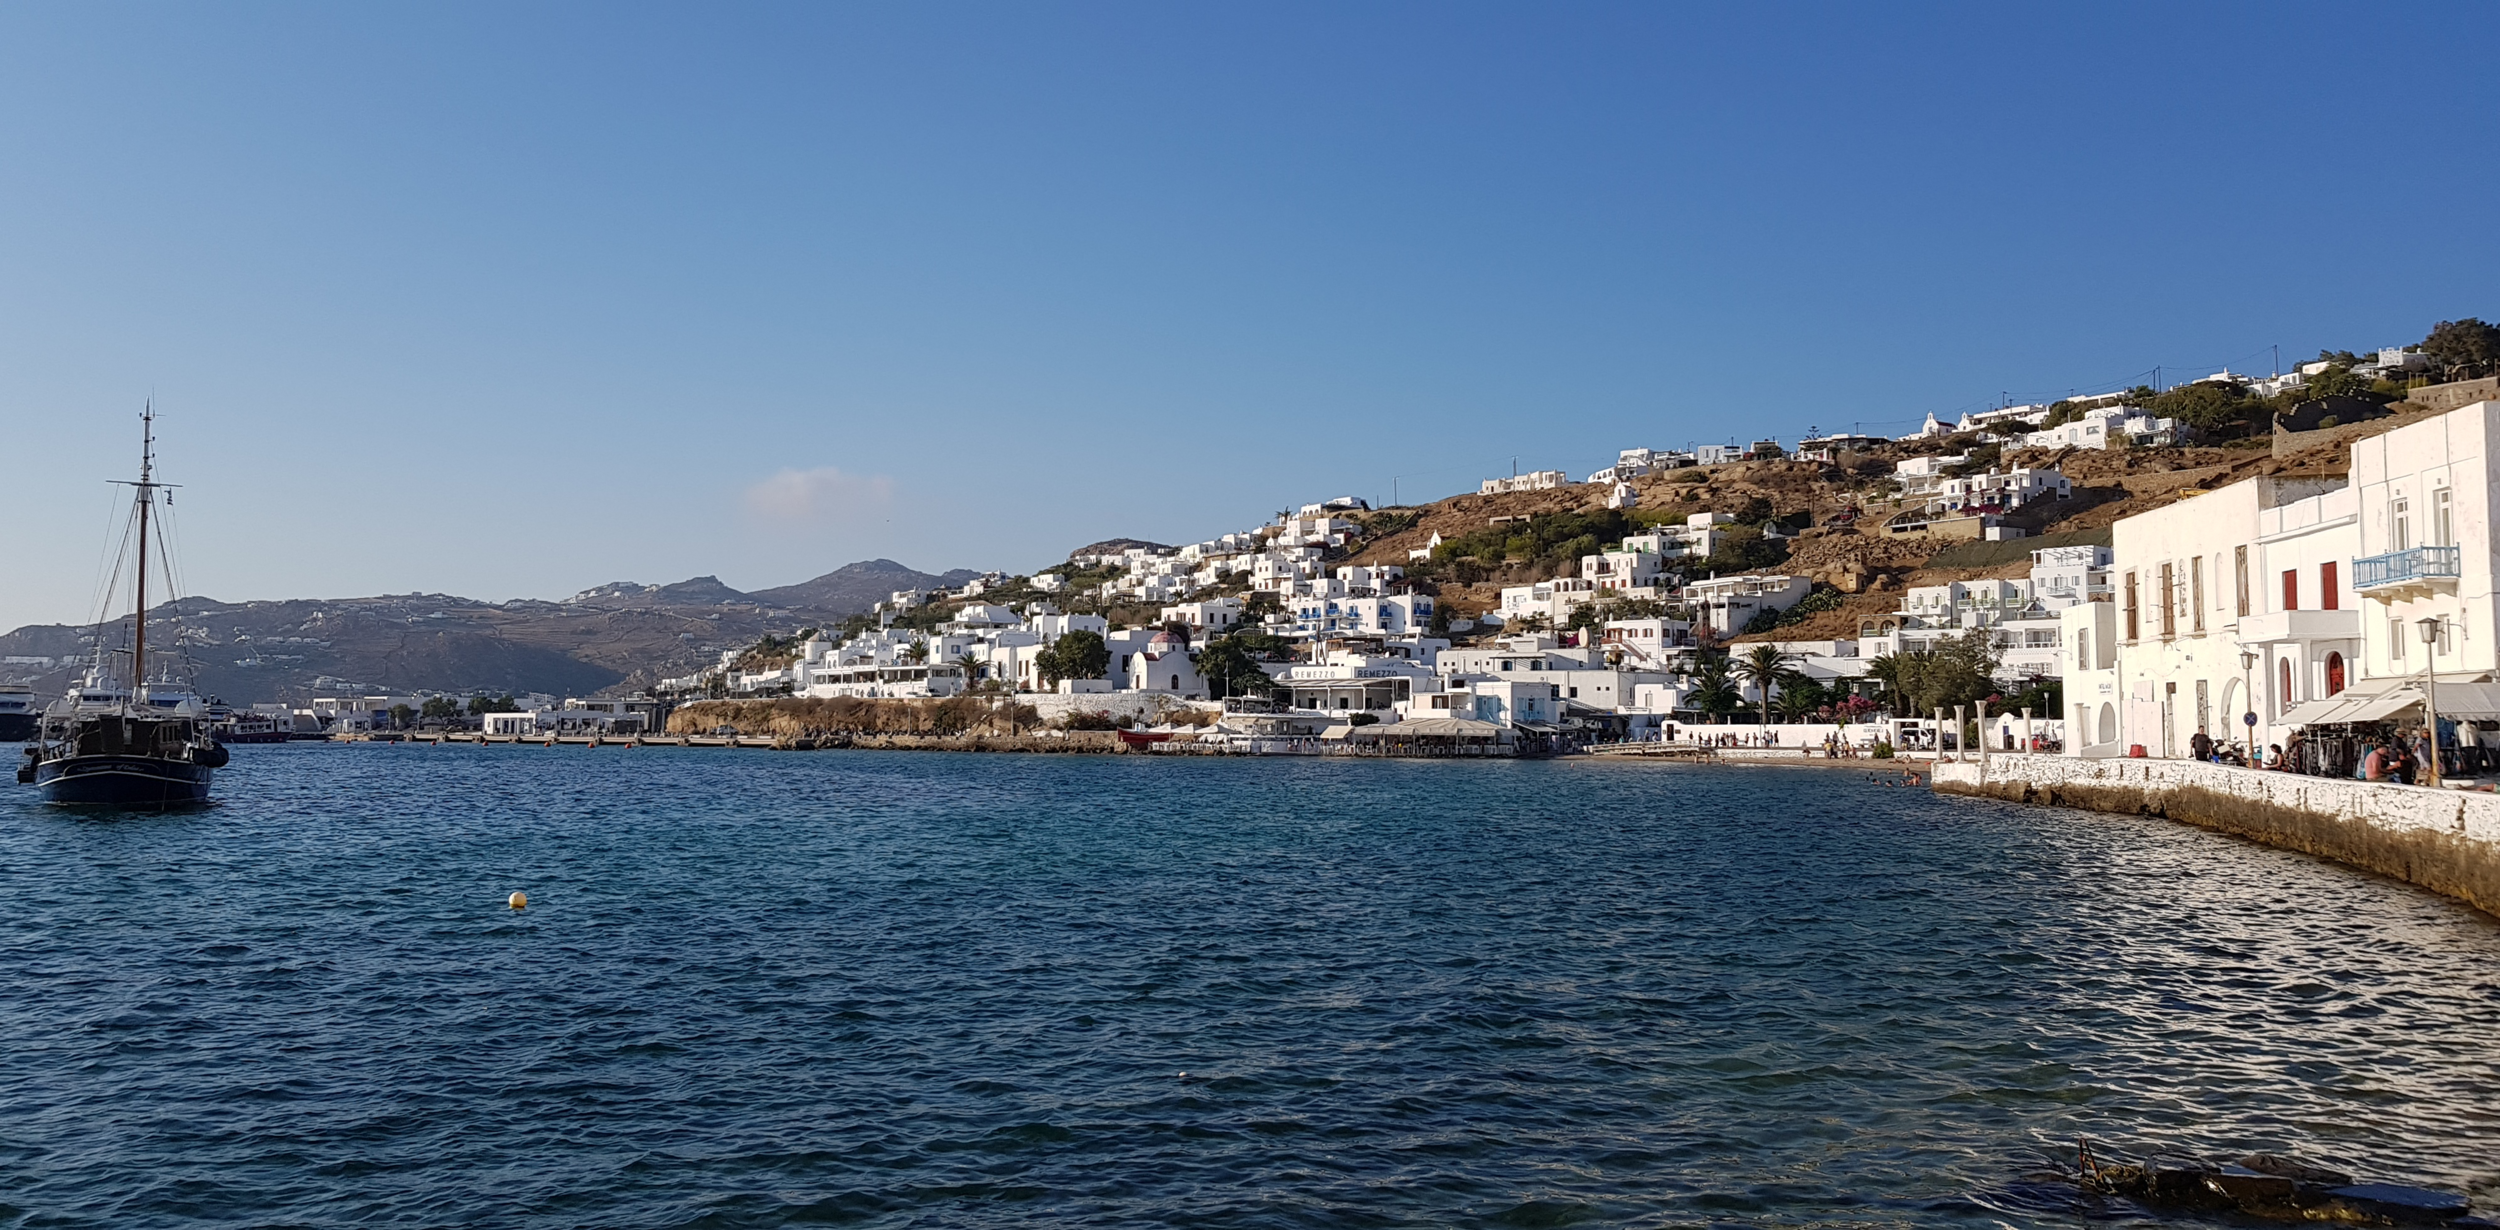 grecia.png